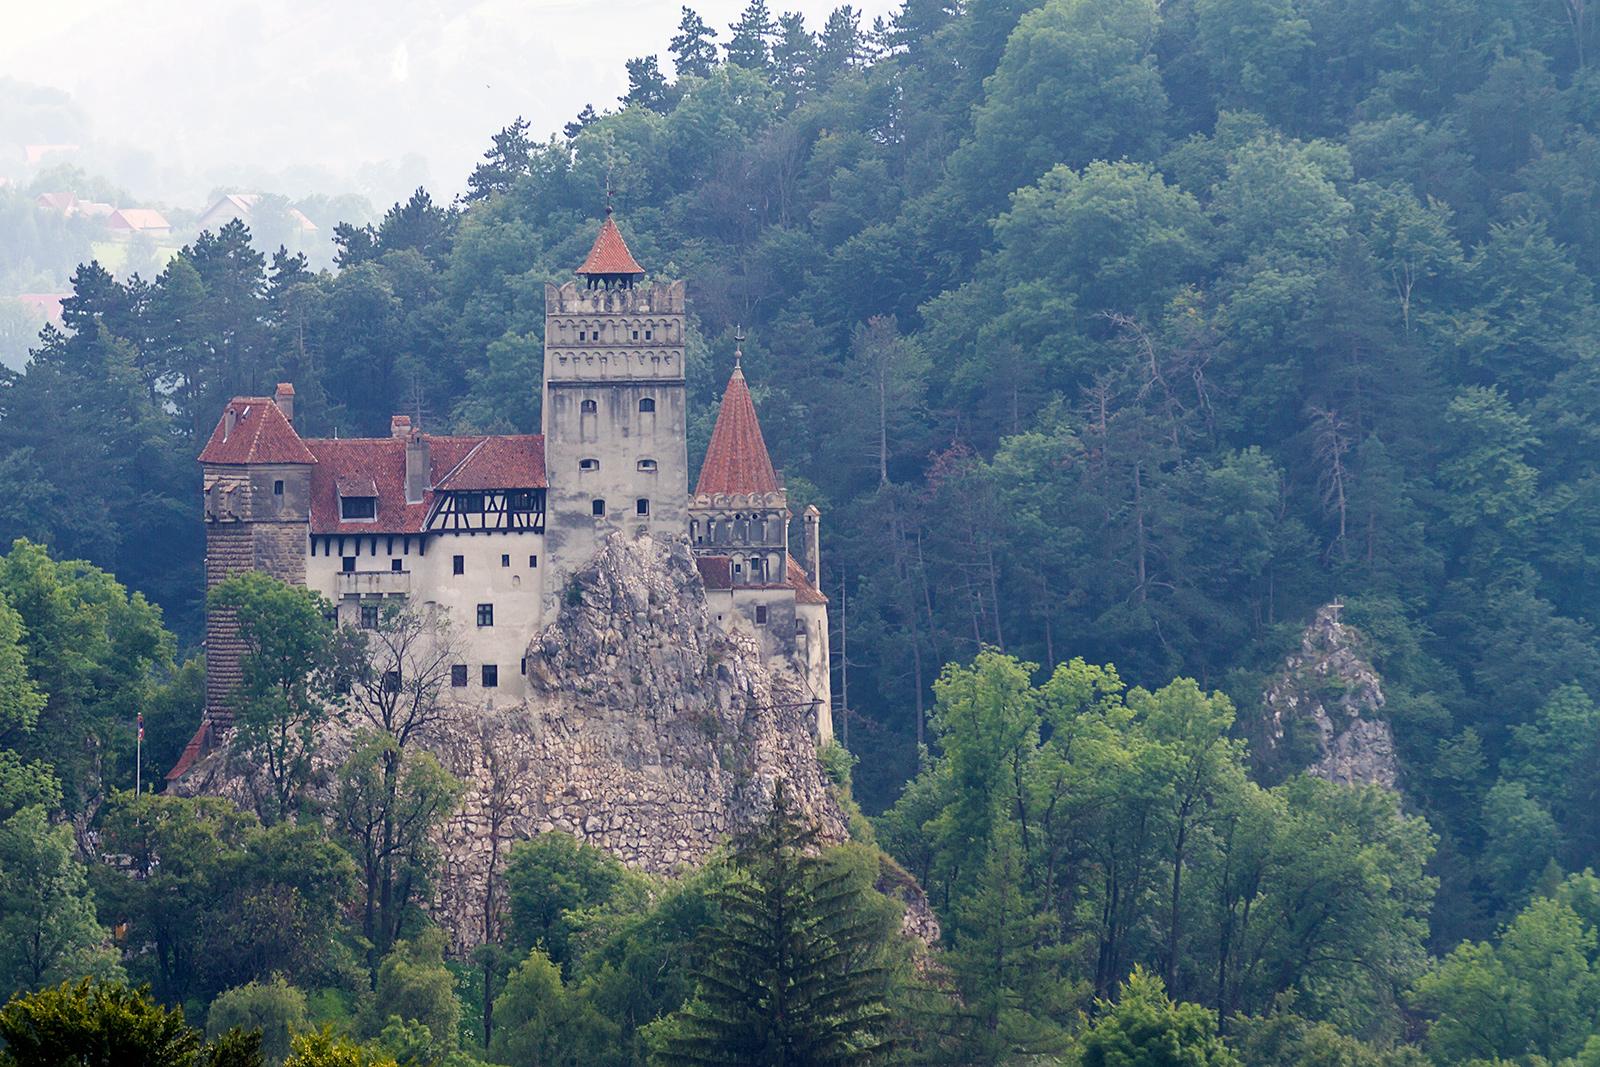 Grad v Branu, oglaševan kot Grad Drakula oziroma Grad Vlad Tepeš